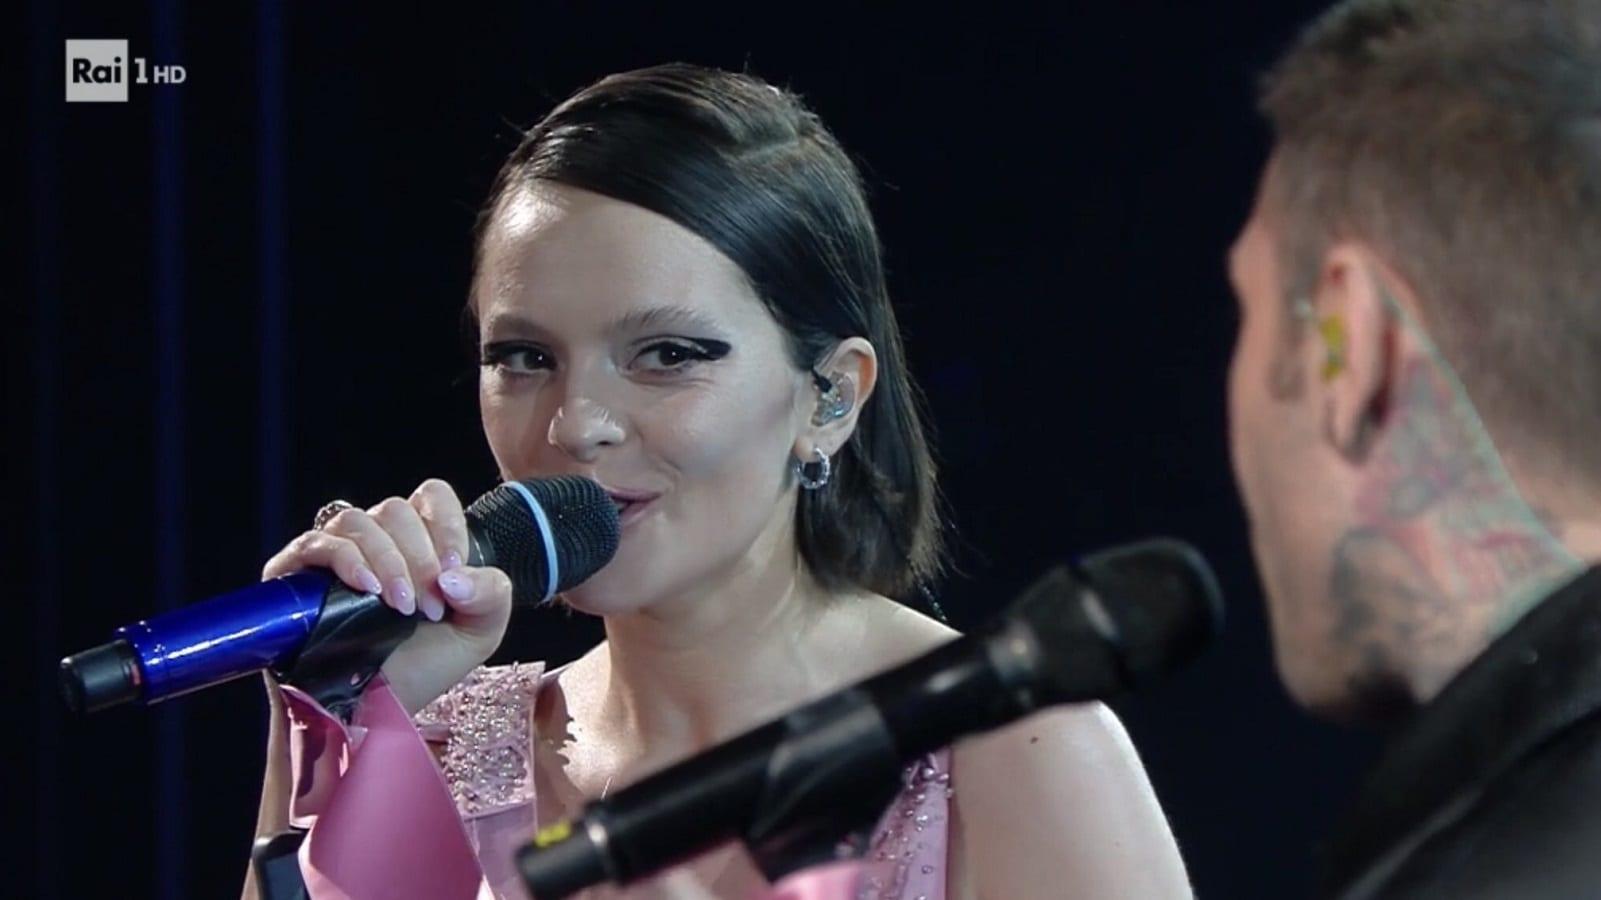 Live 6 marzo 2021 · Sanremo 2021, ultima serata. Condotto da Amadeus e Fiorello, termina la 71ª kermesse canora, in onda in prime time su RaiUno